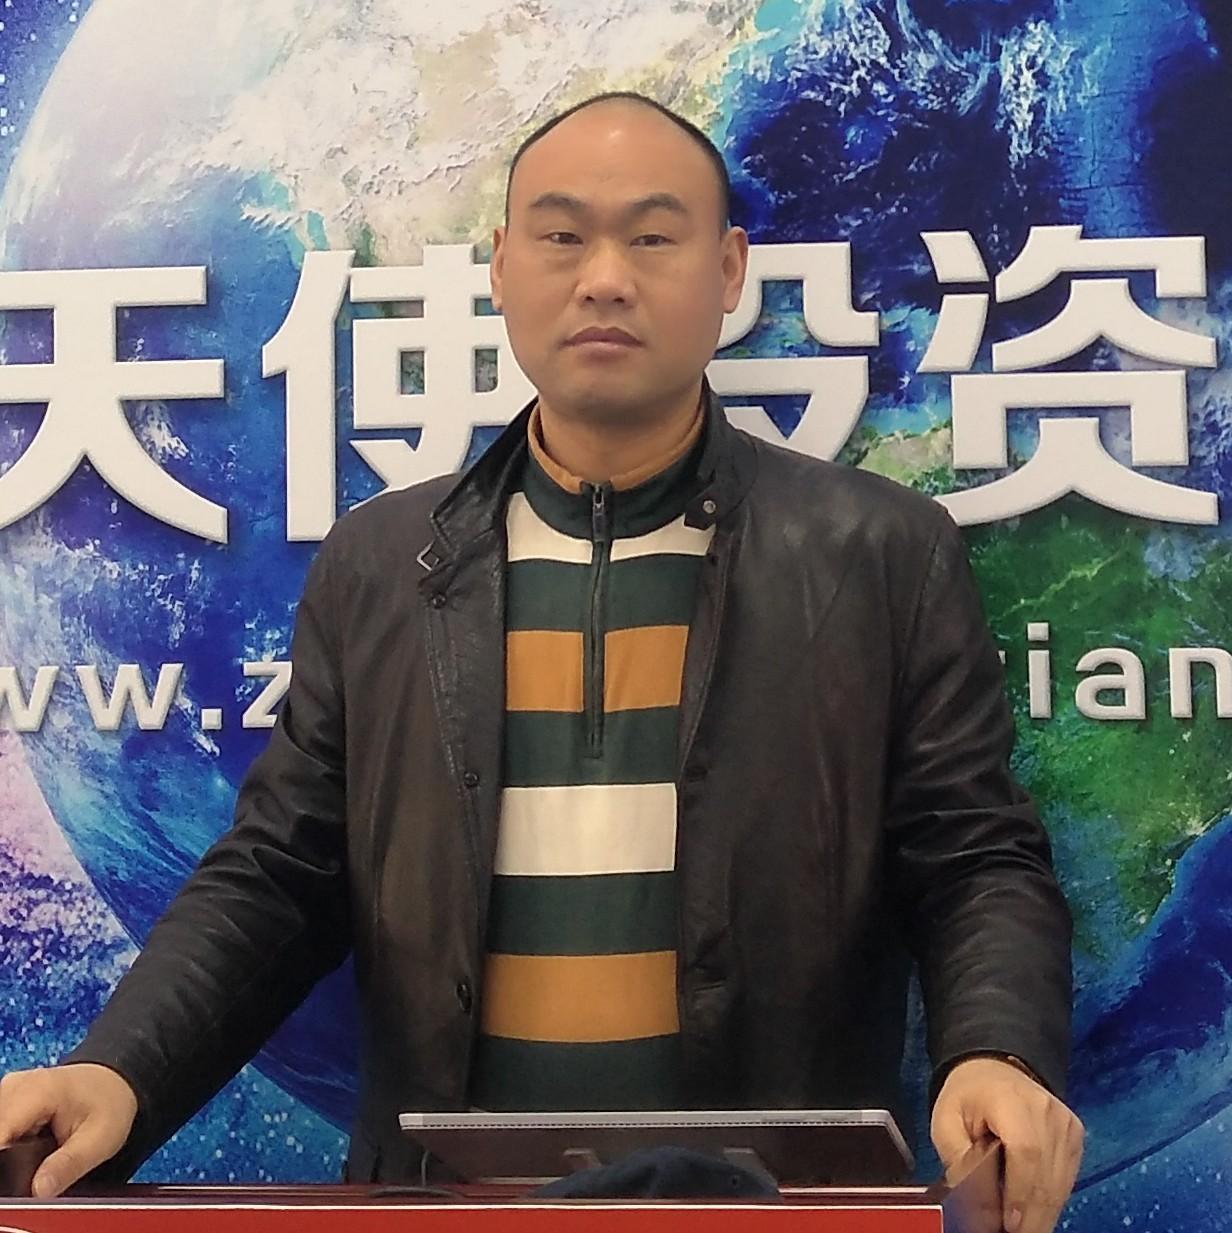 北京玉泽金铭文化传媒副总油泽铭照片